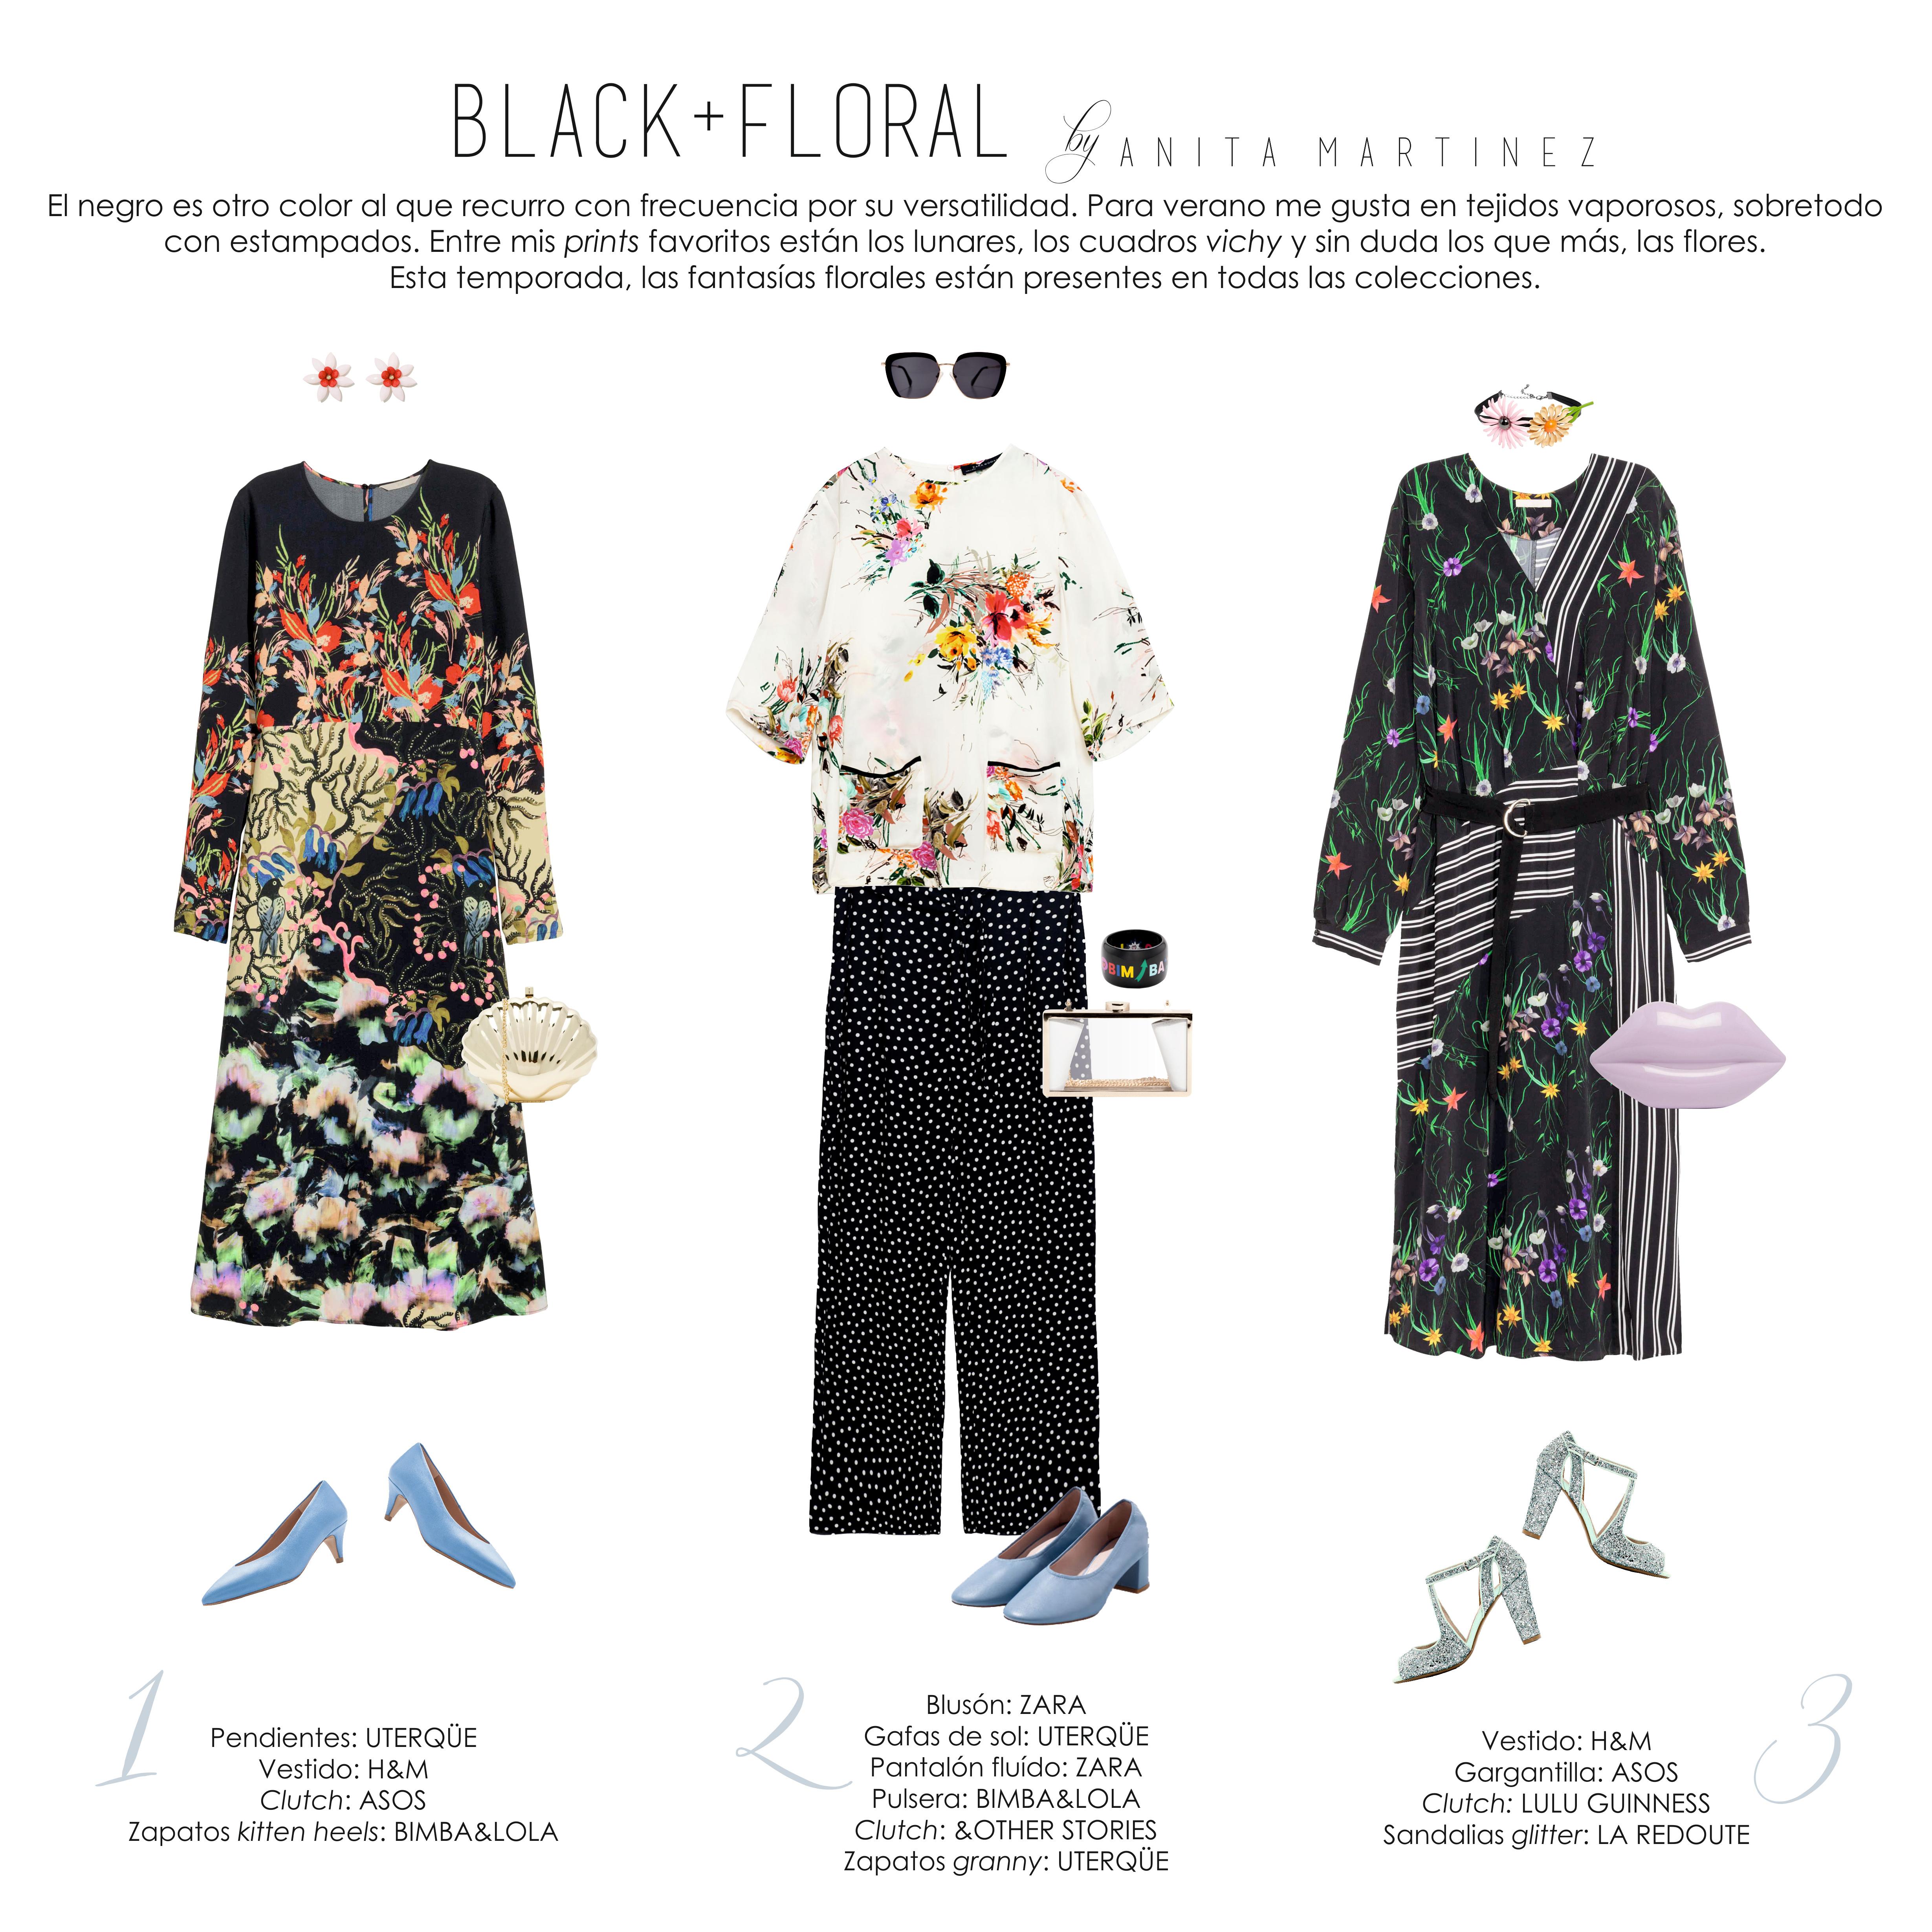 BLACK + FLORAL by ANITA MARTÍNEZ